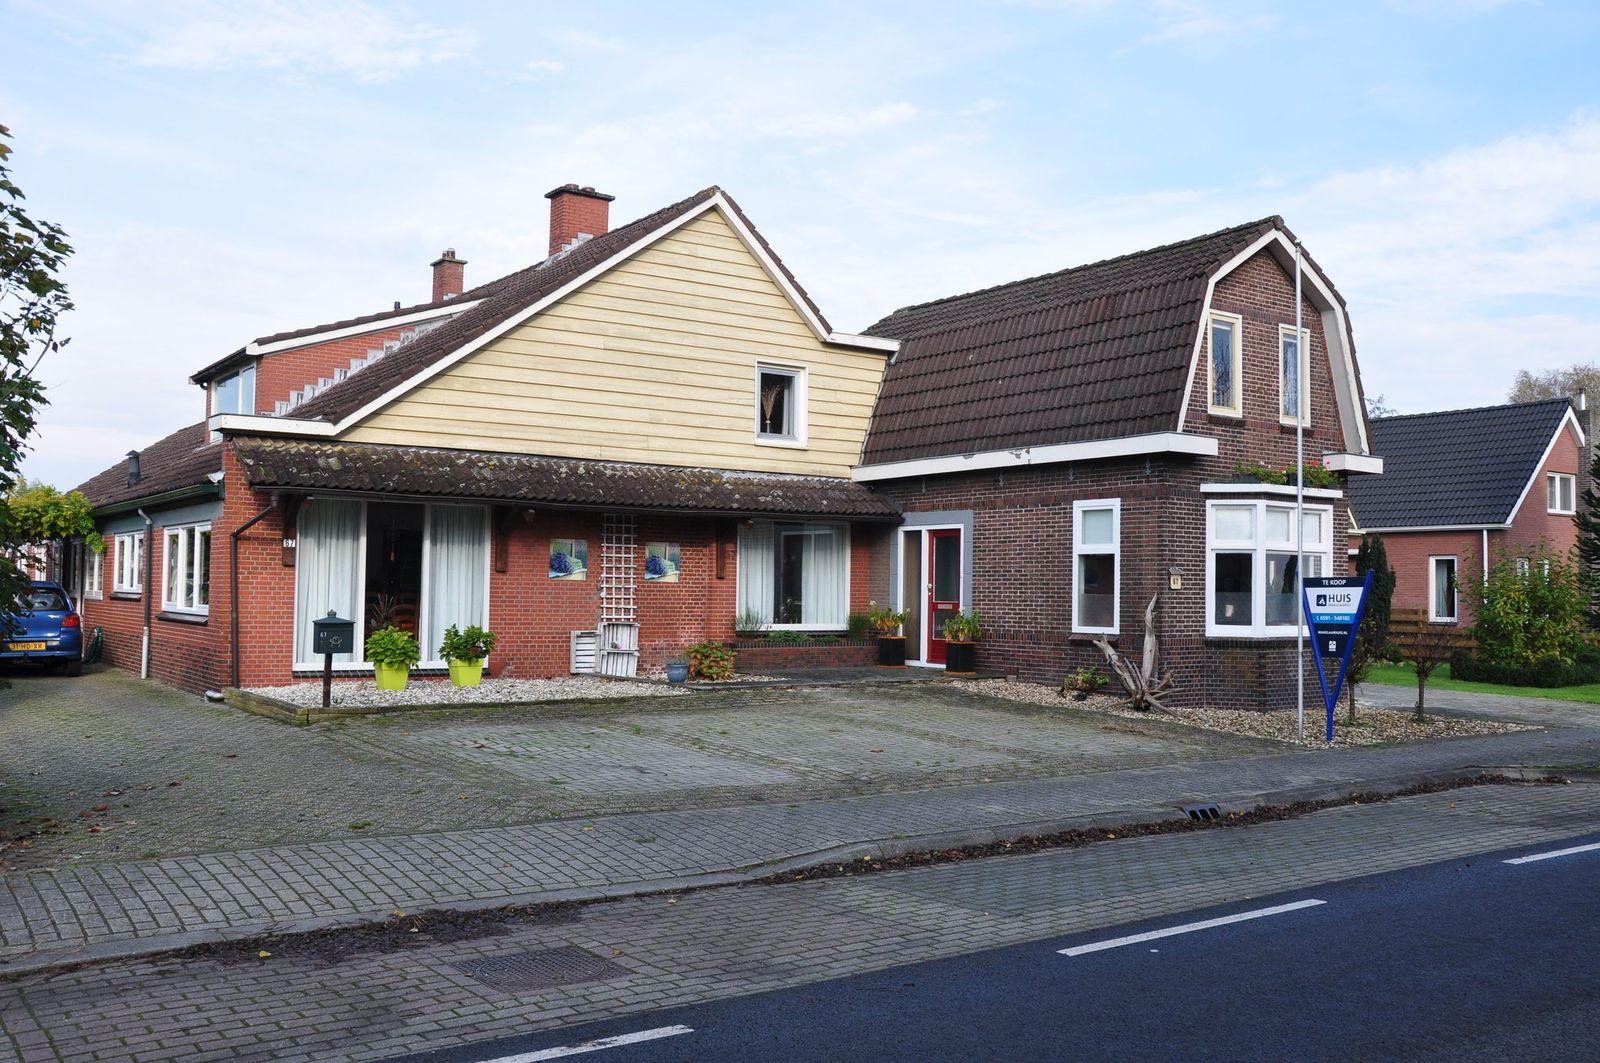 Zuiderdiep 67, Valthermond